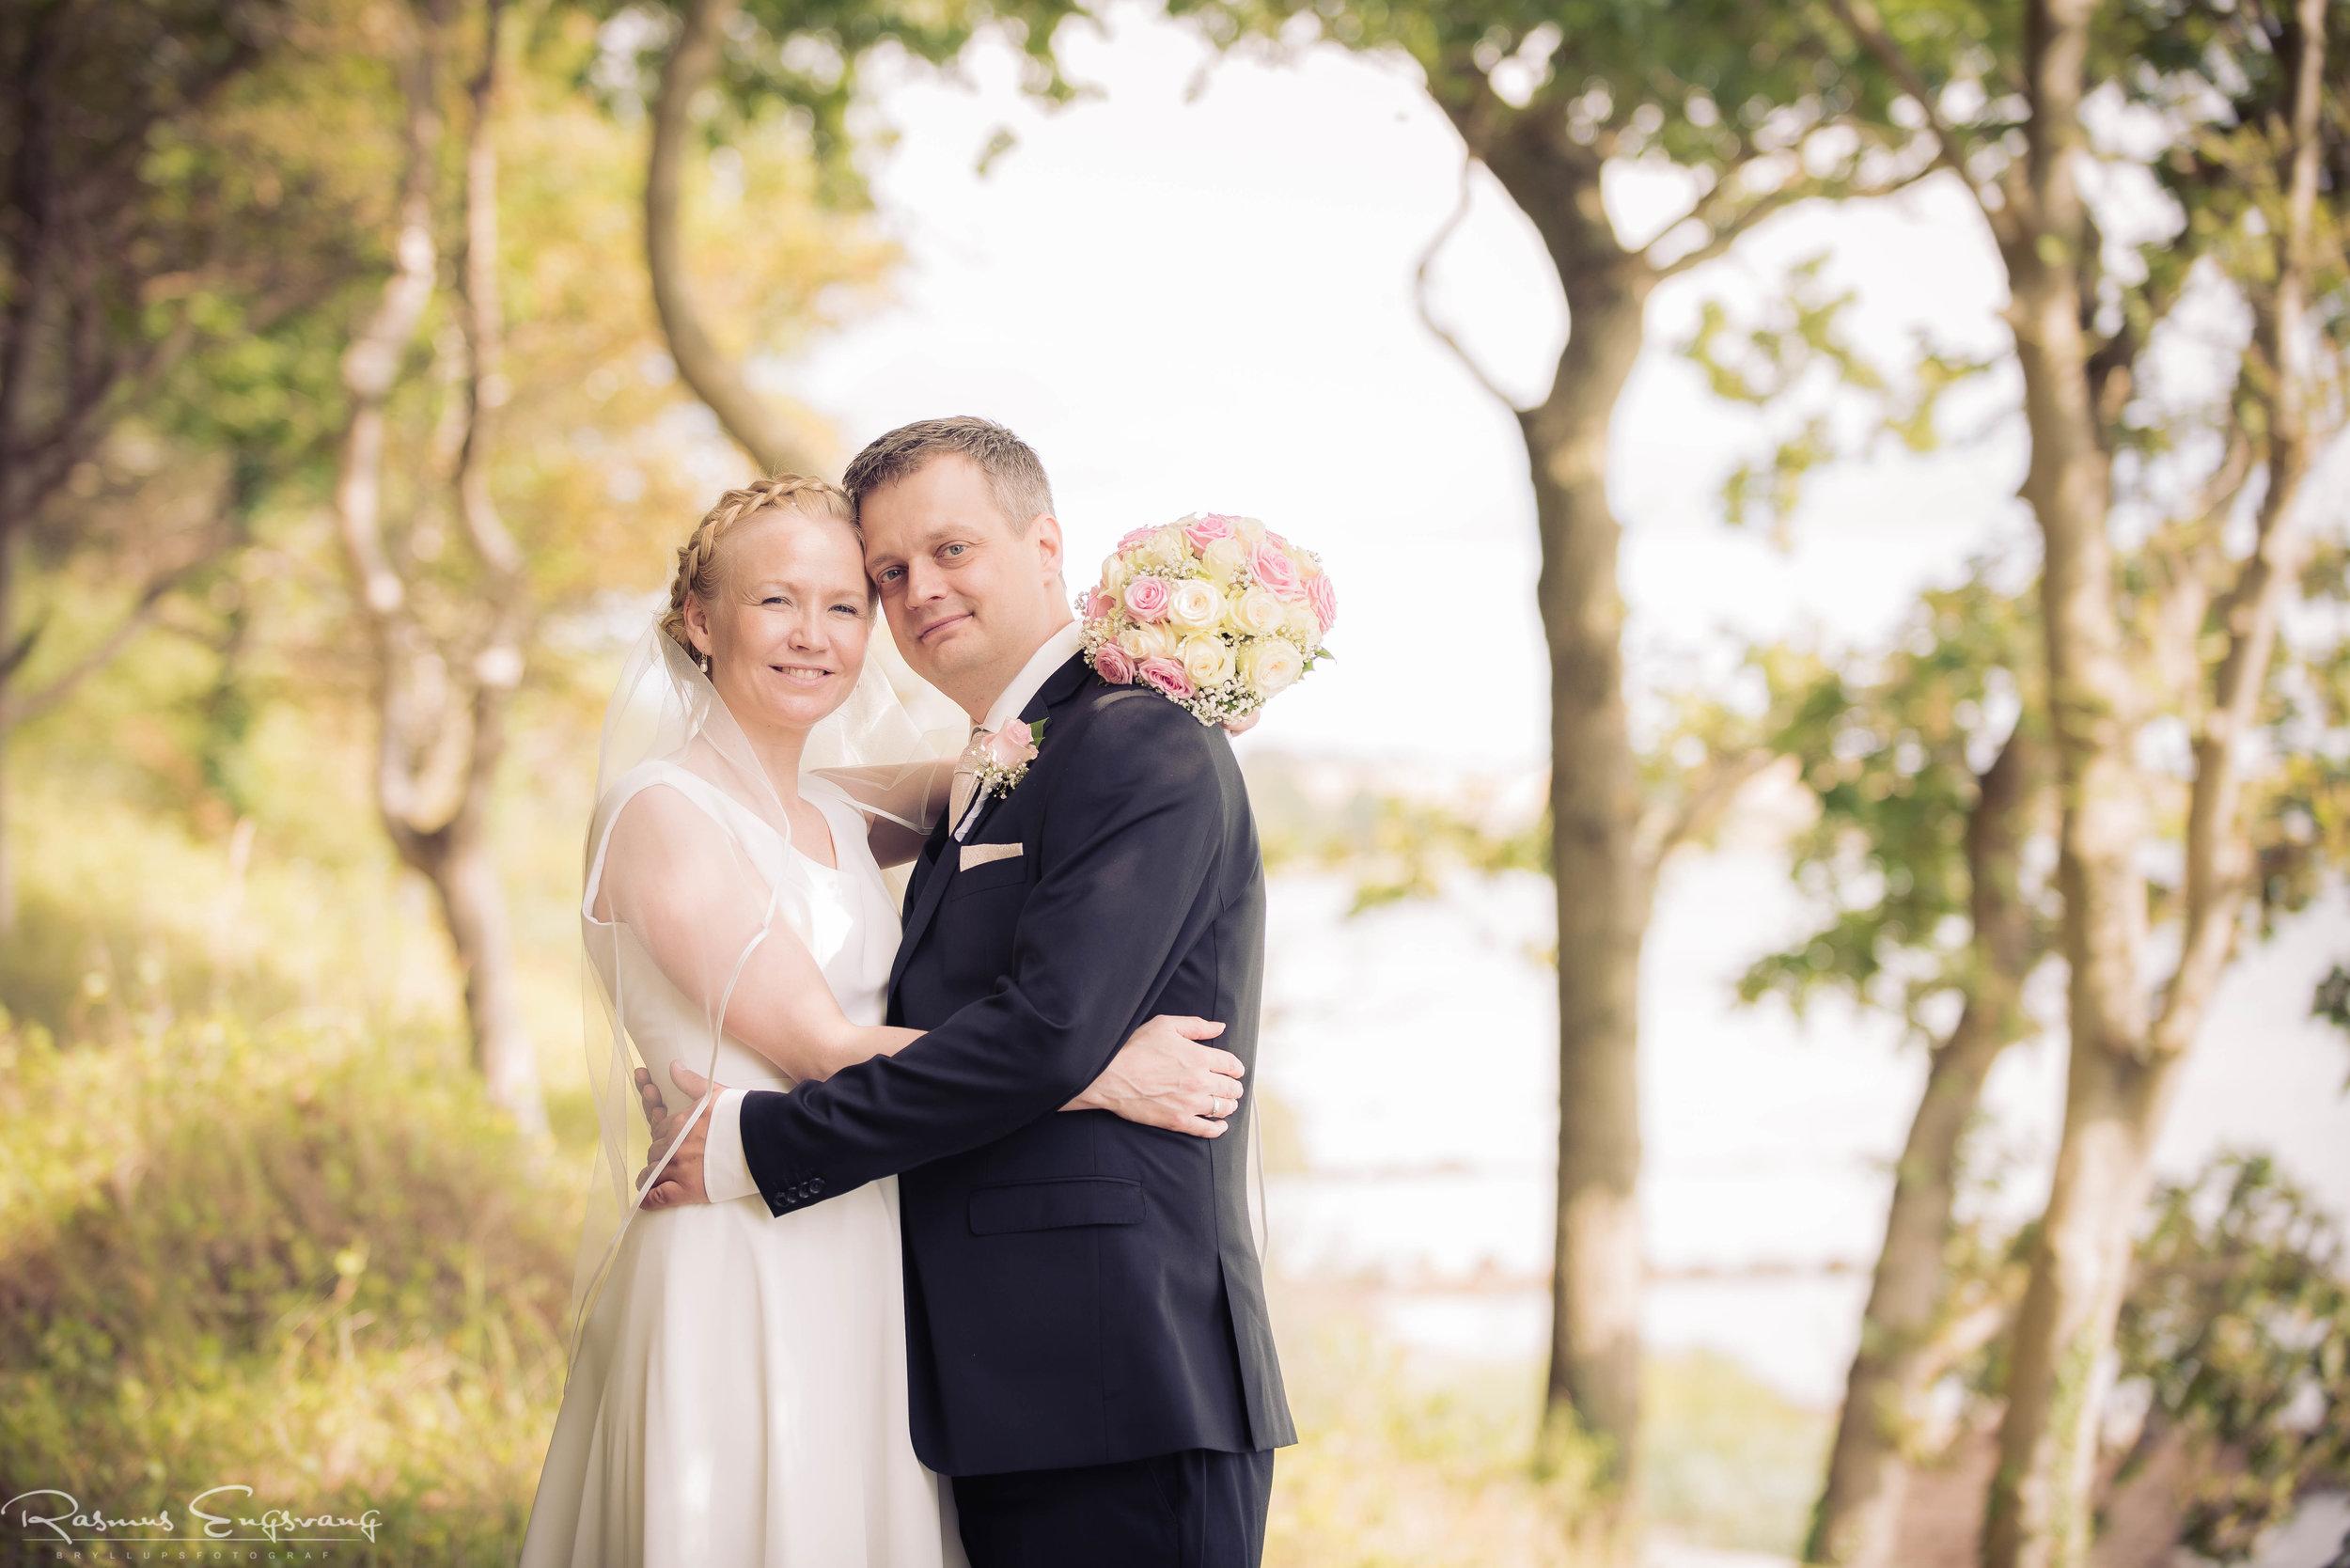 Bryllupsfotograf_Sjælland_Skælskør_Marvede_Fjordbakken-208.jpg